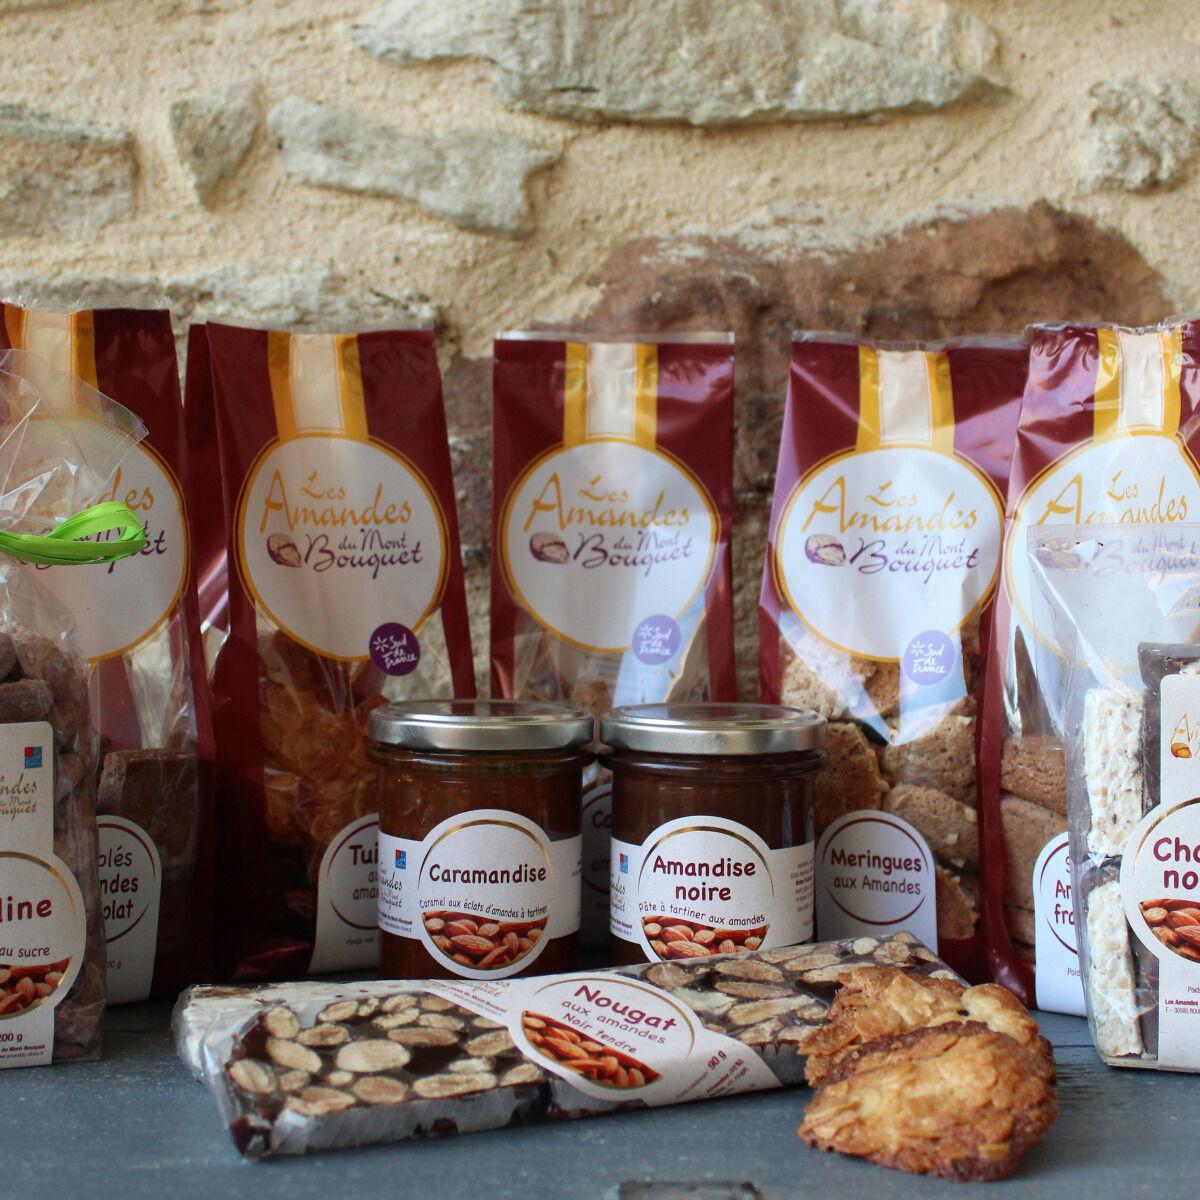 Les amandes et olives du Mont Bouquet Panier Goûter : Biscuits, Nougat, Pralines, Amandes et Pâte à Tartiner